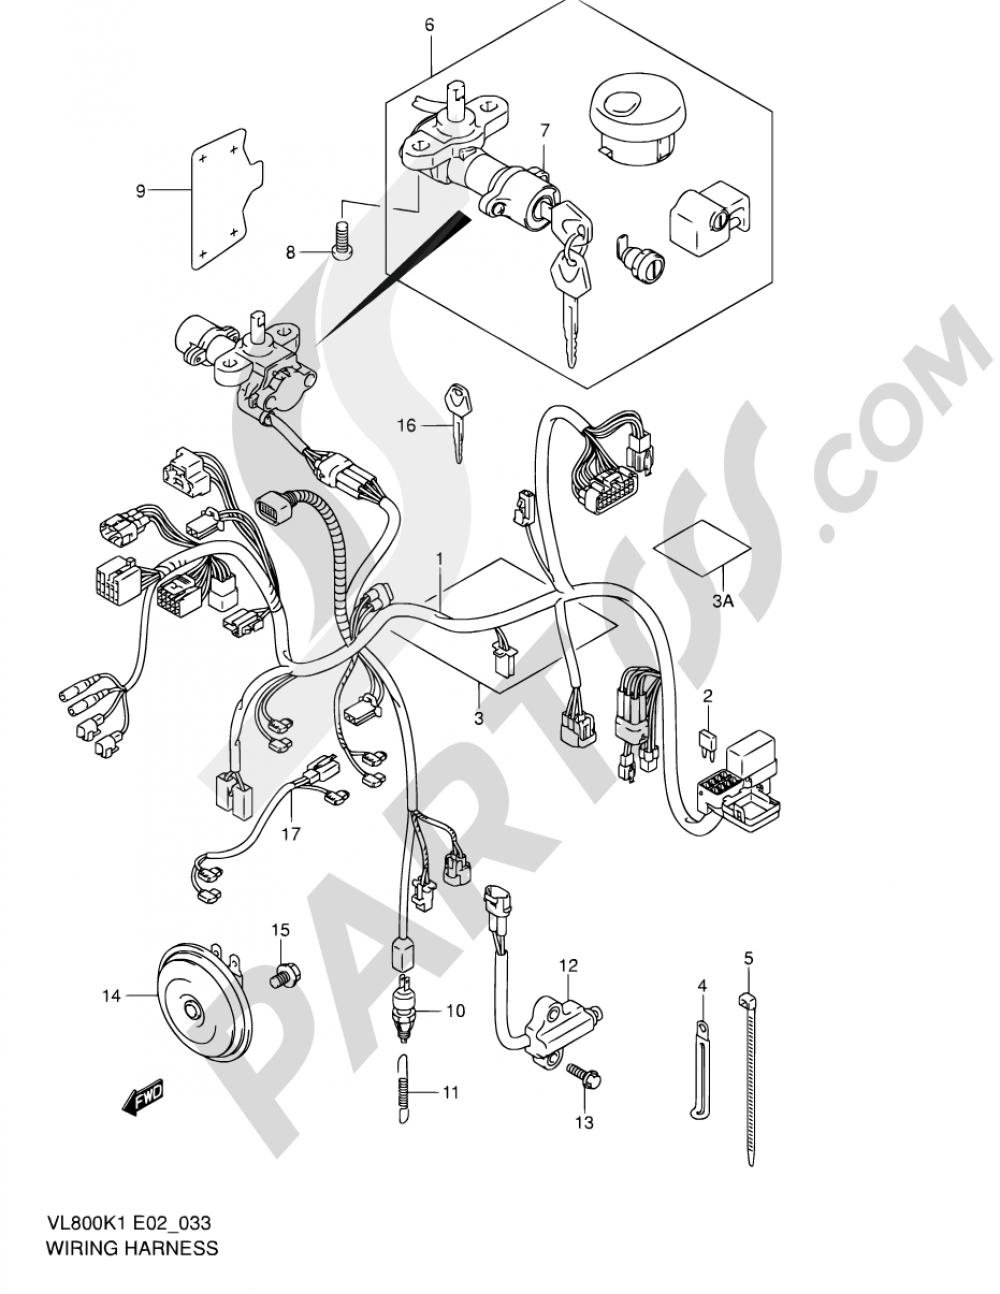 vl800 wiring diagram sensor wiring schematic, Wiring diagram